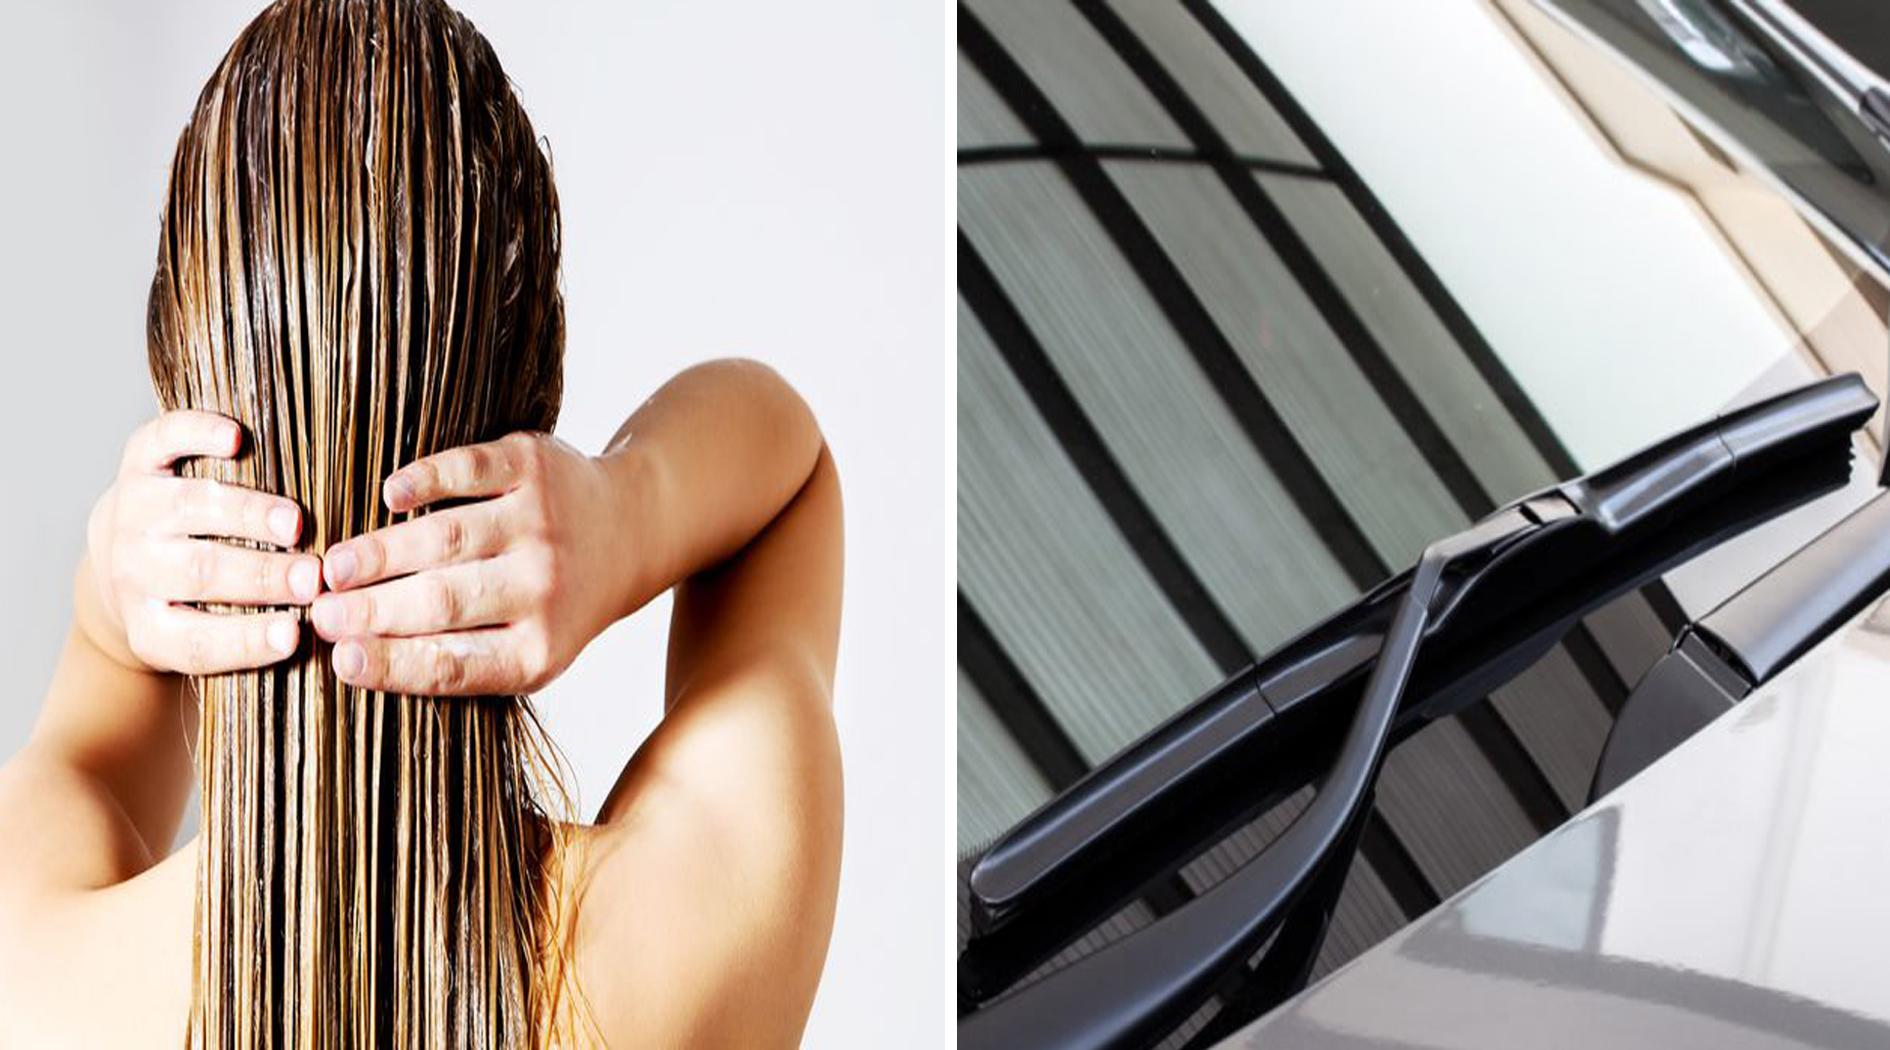 13 хитростей, чтобы очистить автомобиль